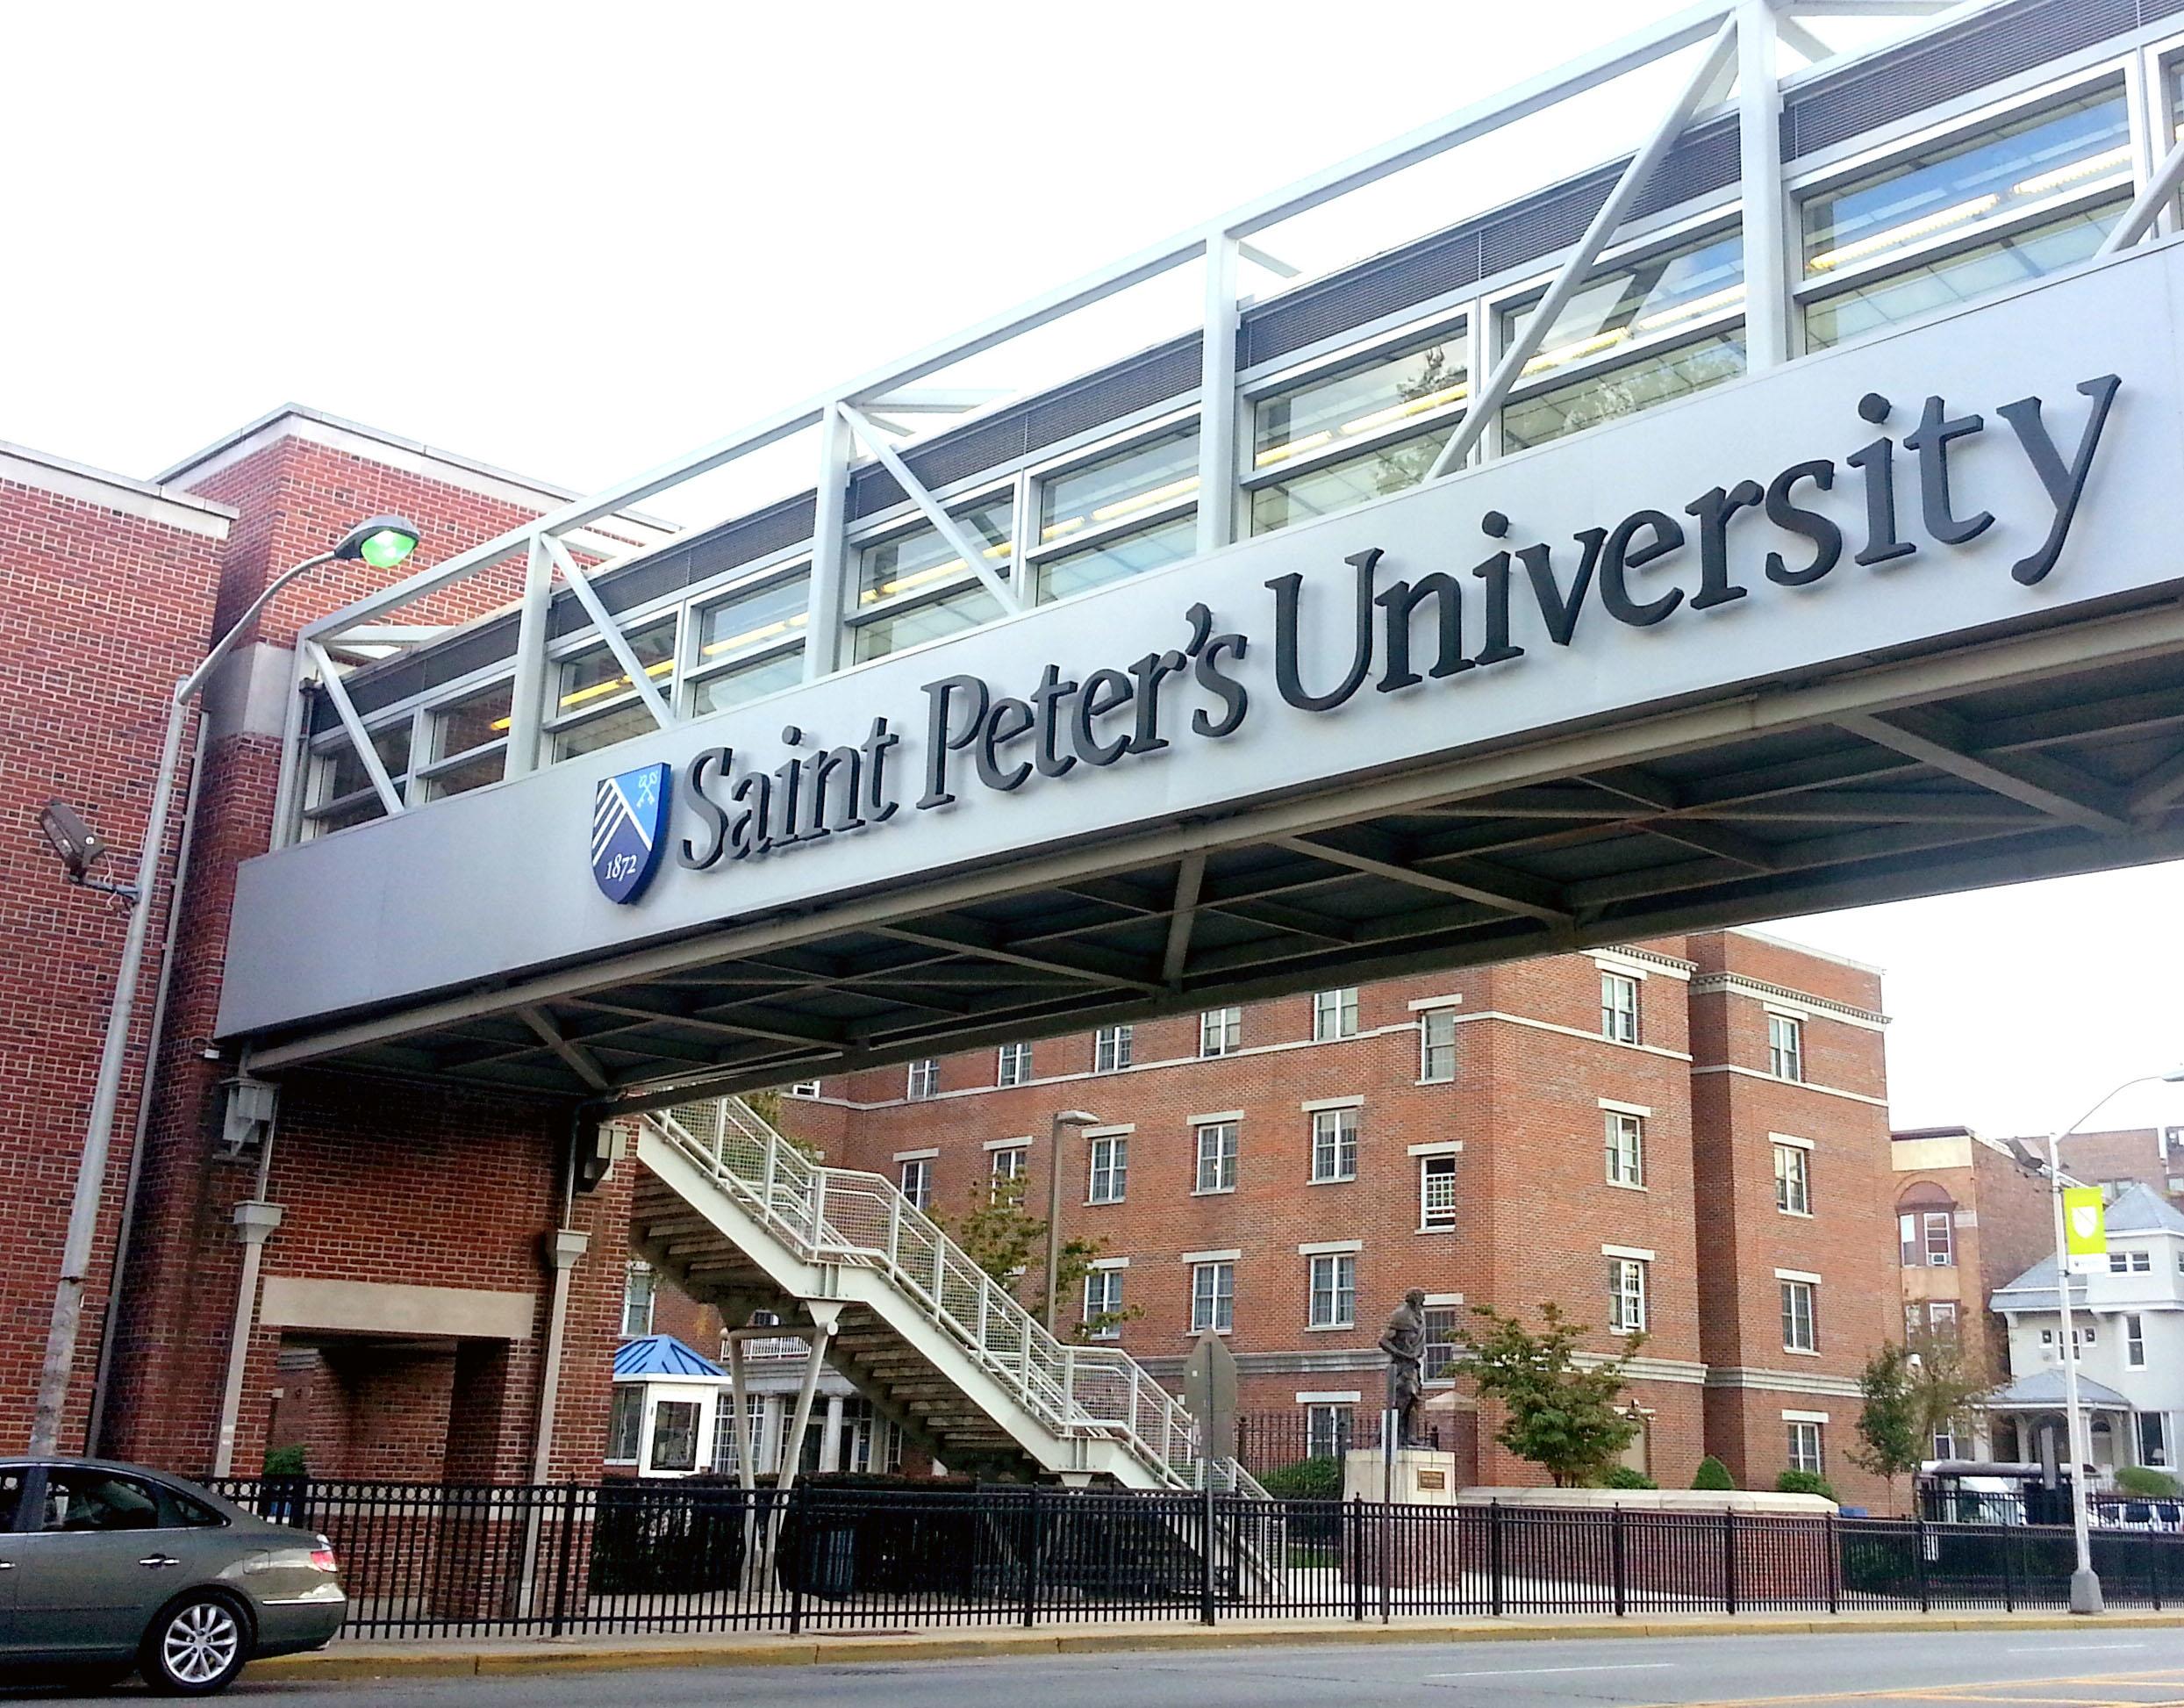 Trung tâm tiếng anh FLS tại Saint Peters University